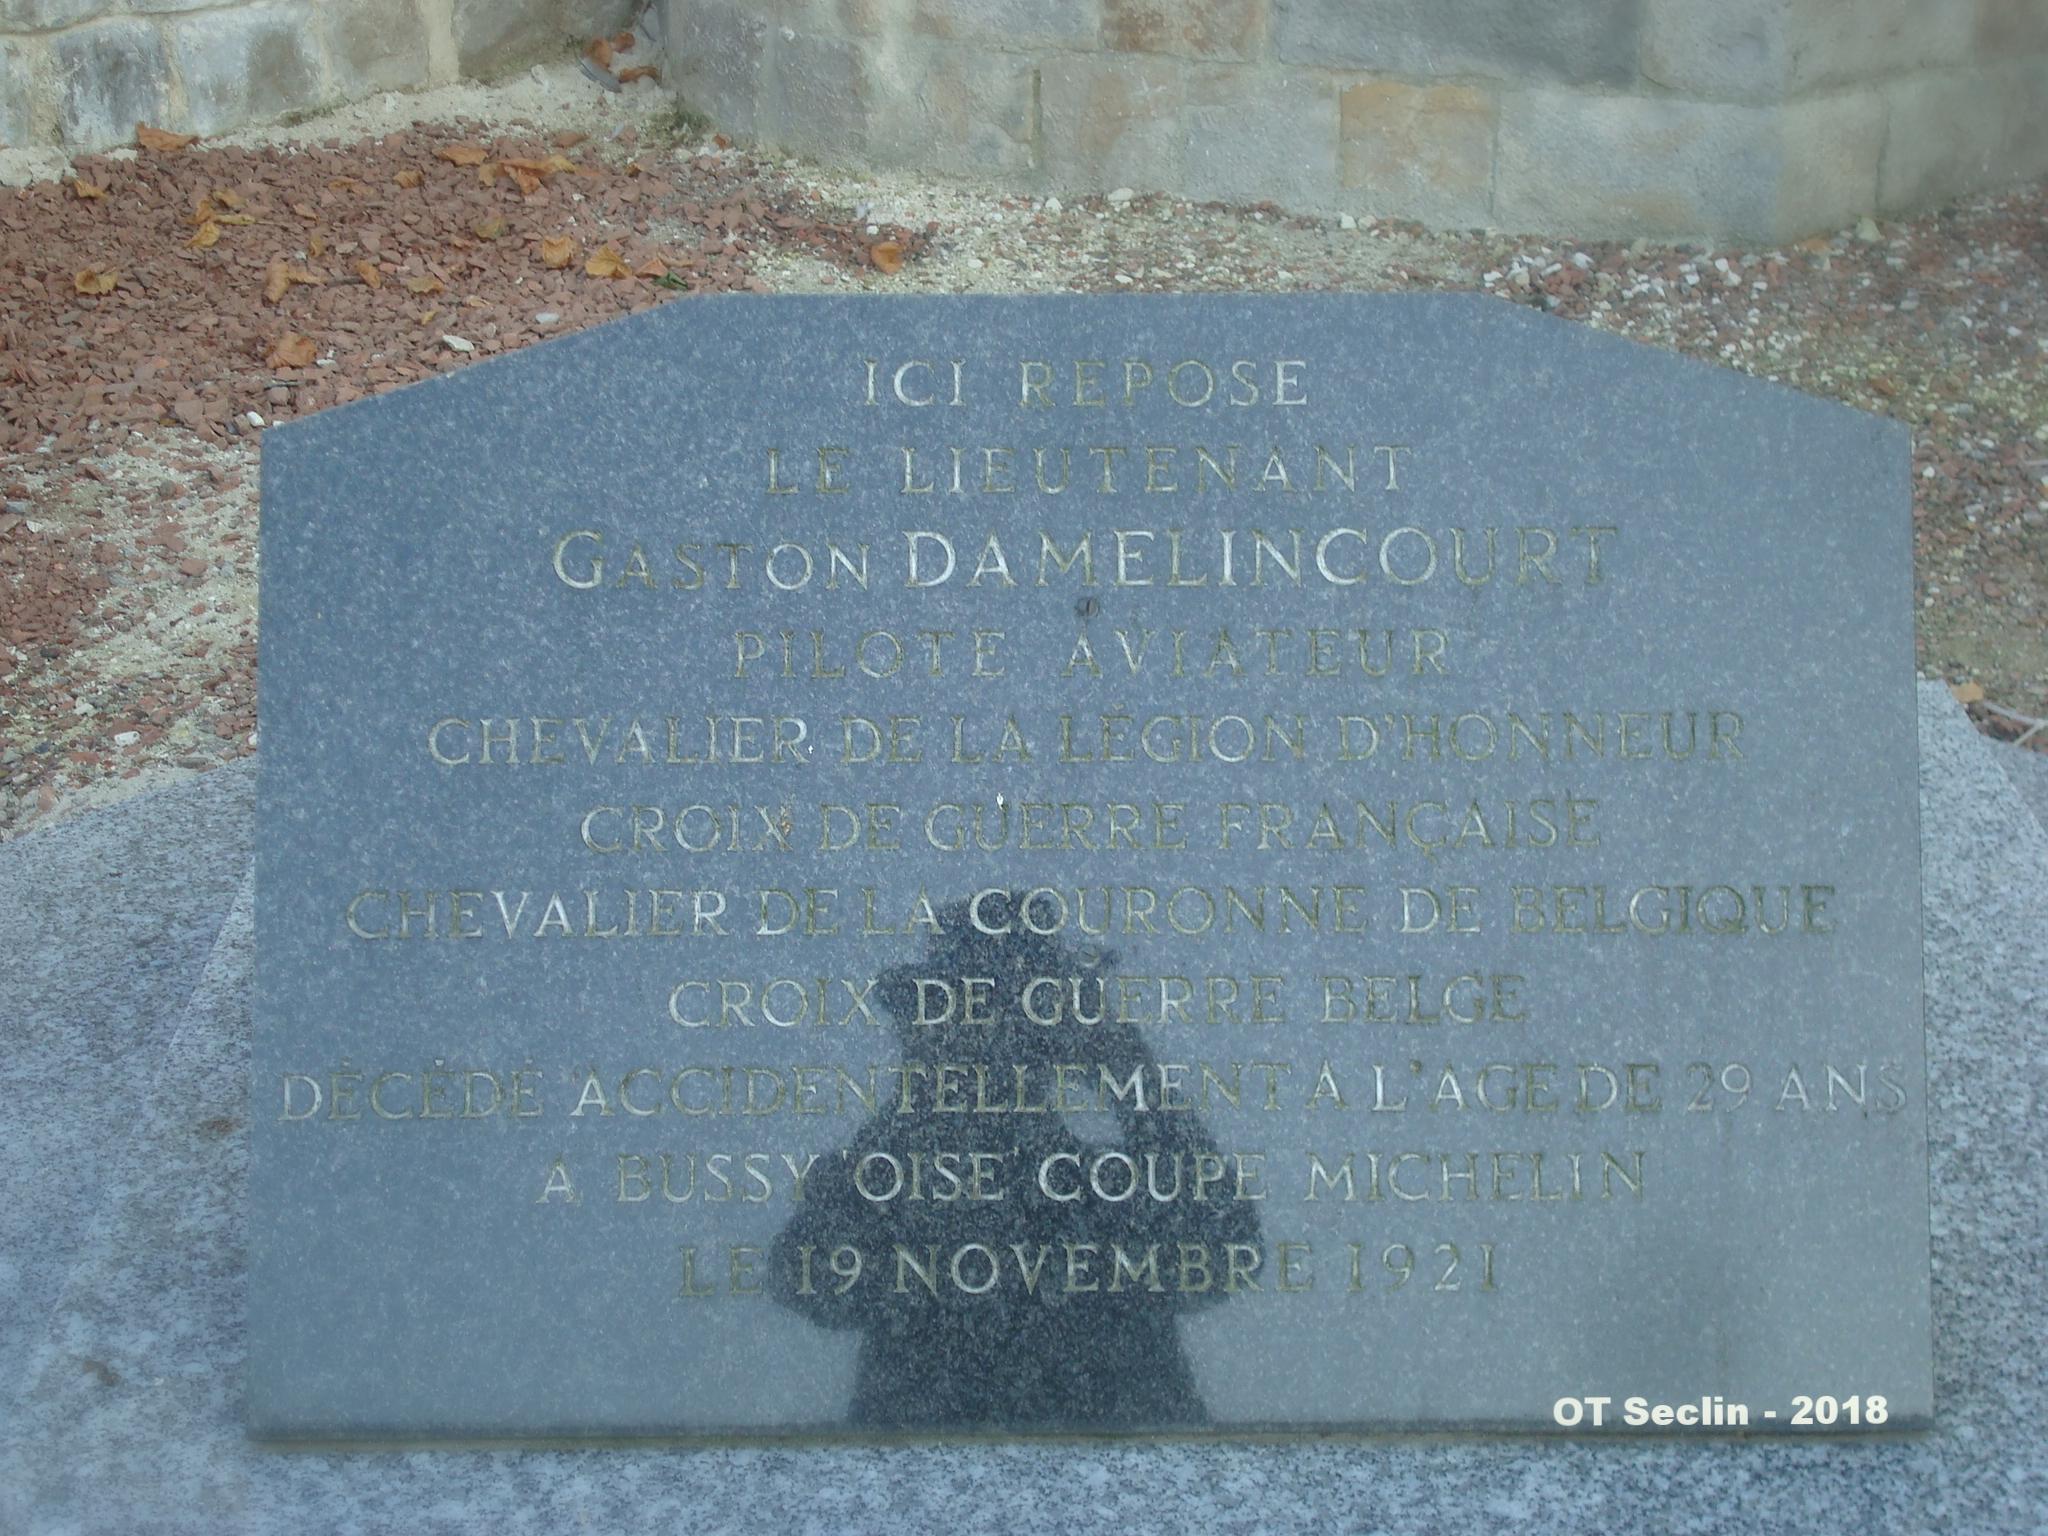 Tombe de l'aviateur Gaston Damelicourt (1892-1921), cimetière église Camphin-en-Carembault (Nord)